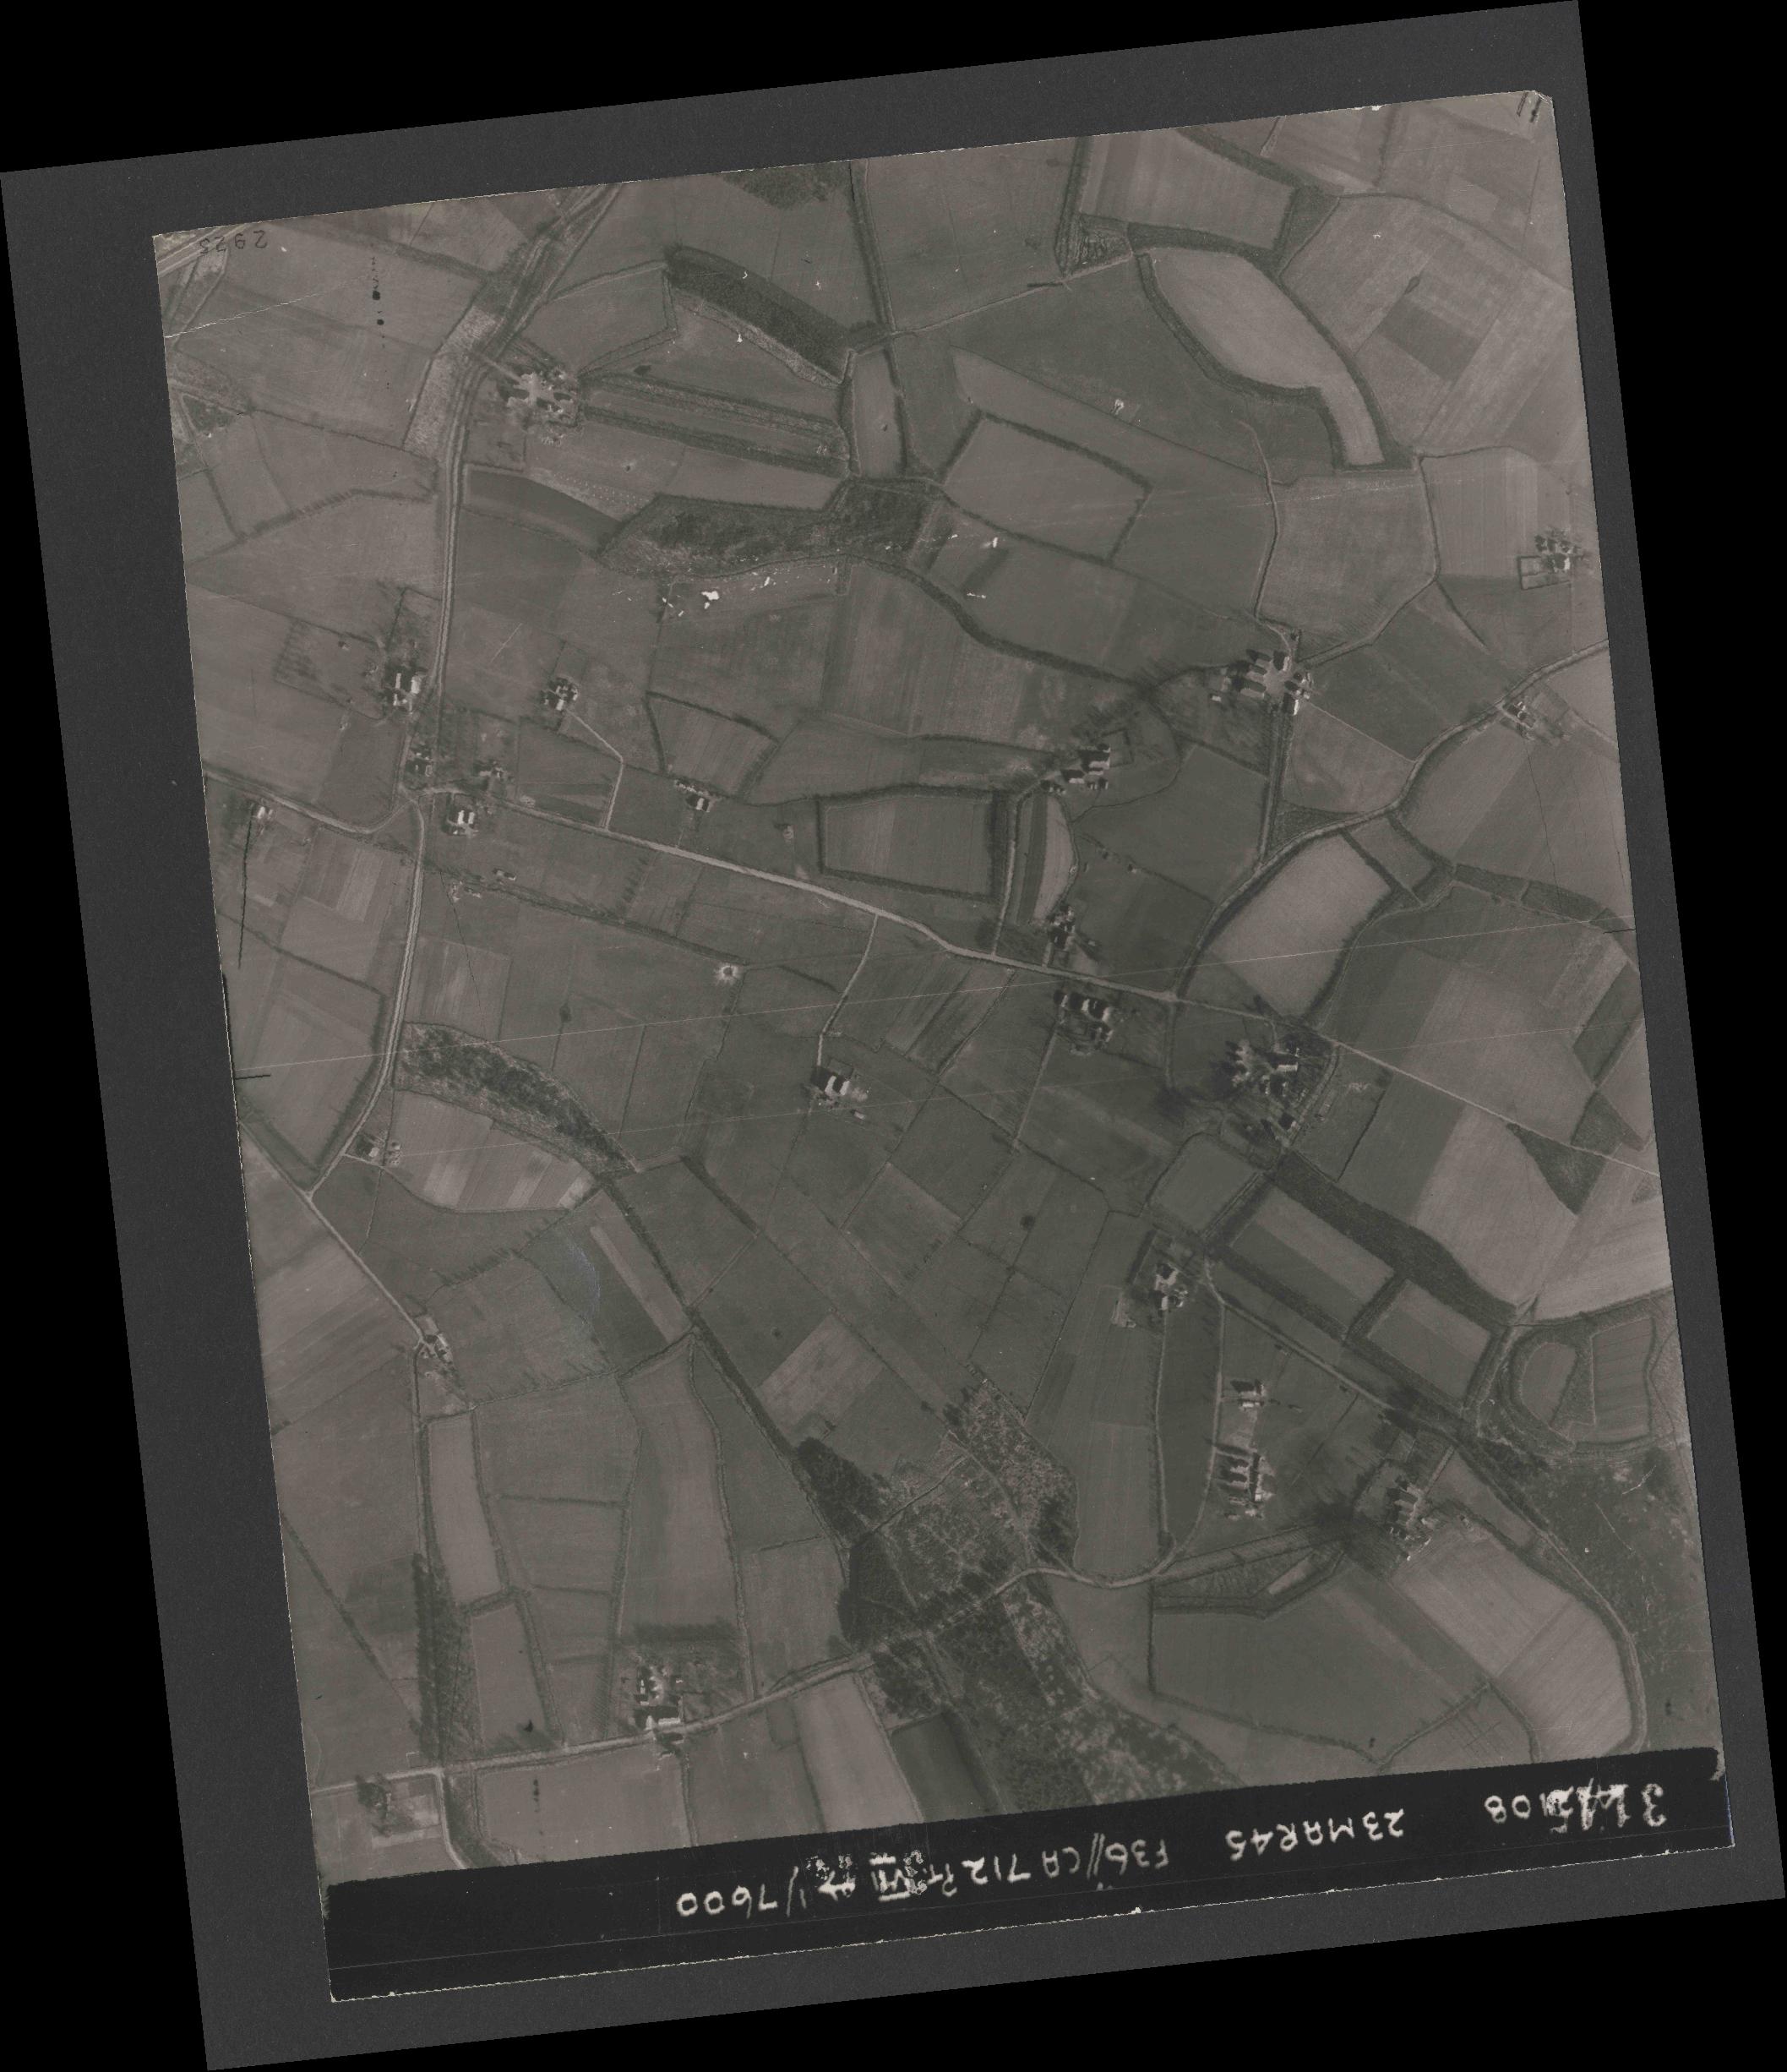 Collection RAF aerial photos 1940-1945 - flight 104, run 04, photo 3145